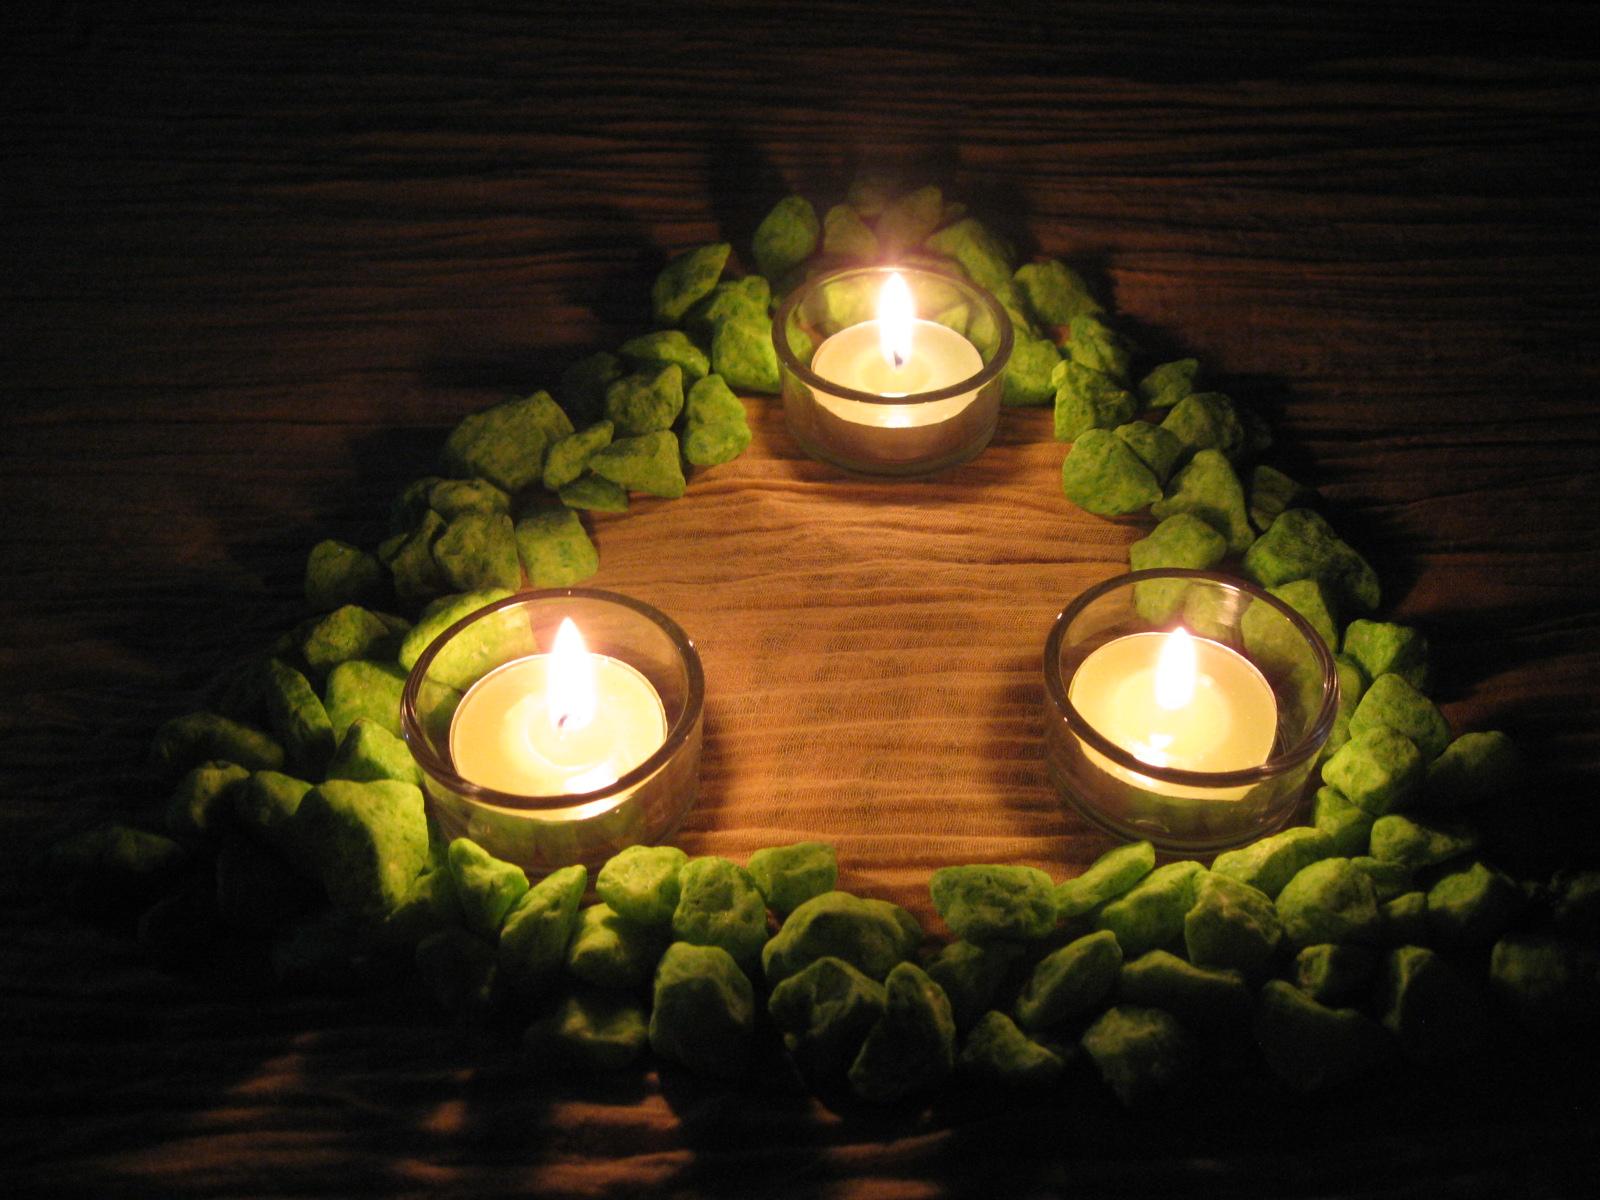 Magia de las velas cosas de meiga - Cosas para atraer el dinero ...